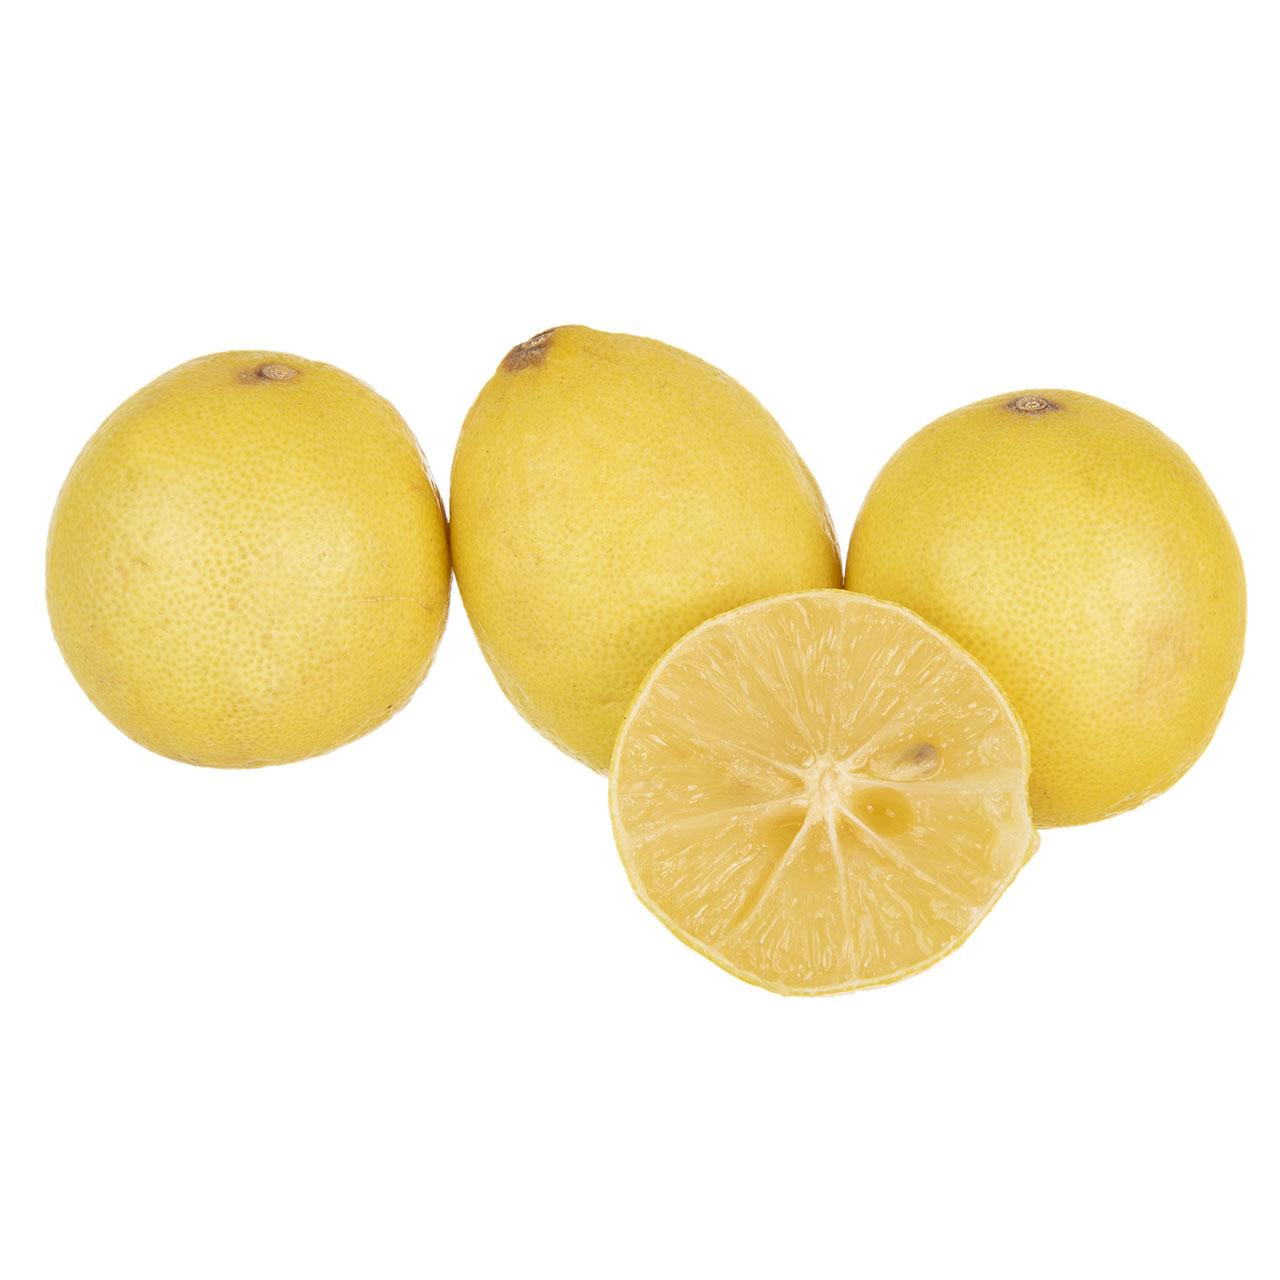 لیمو ترش سنگی مقدار 0.5 کیلوگرم